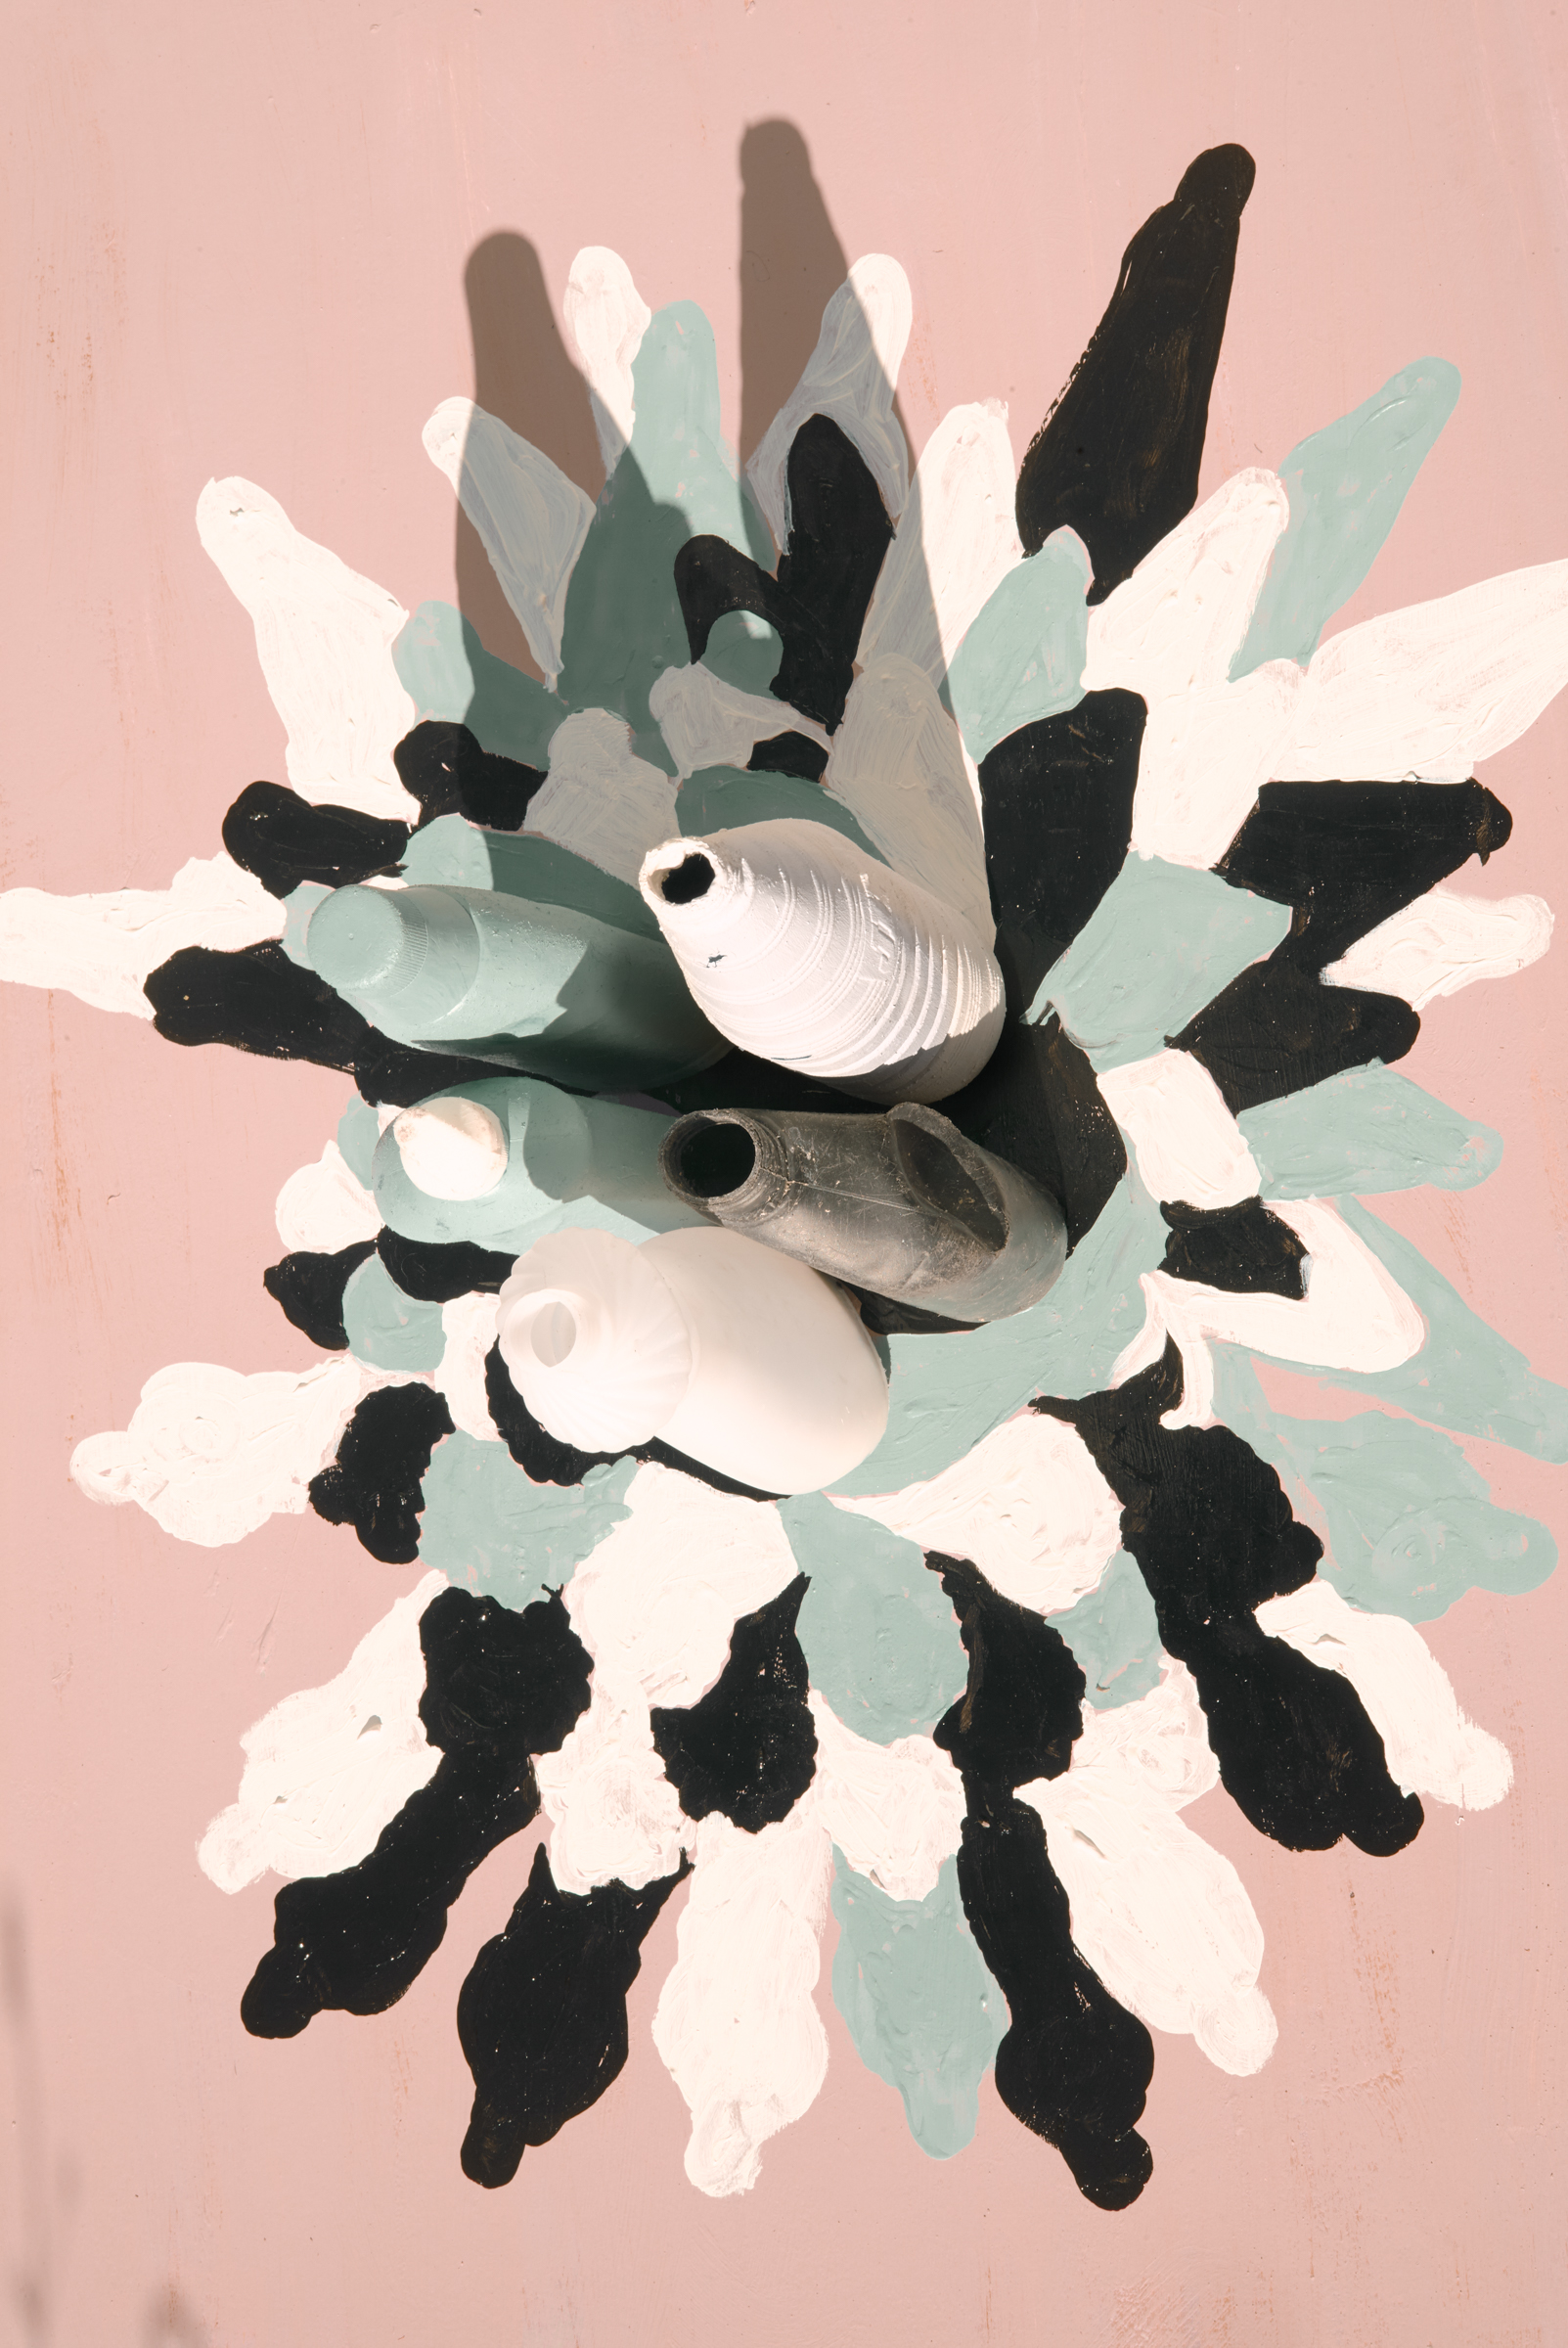 Thirza Schaap, sundial, 2019. Courtesy of the artist and Bildhalle Zürich + Amsterdam